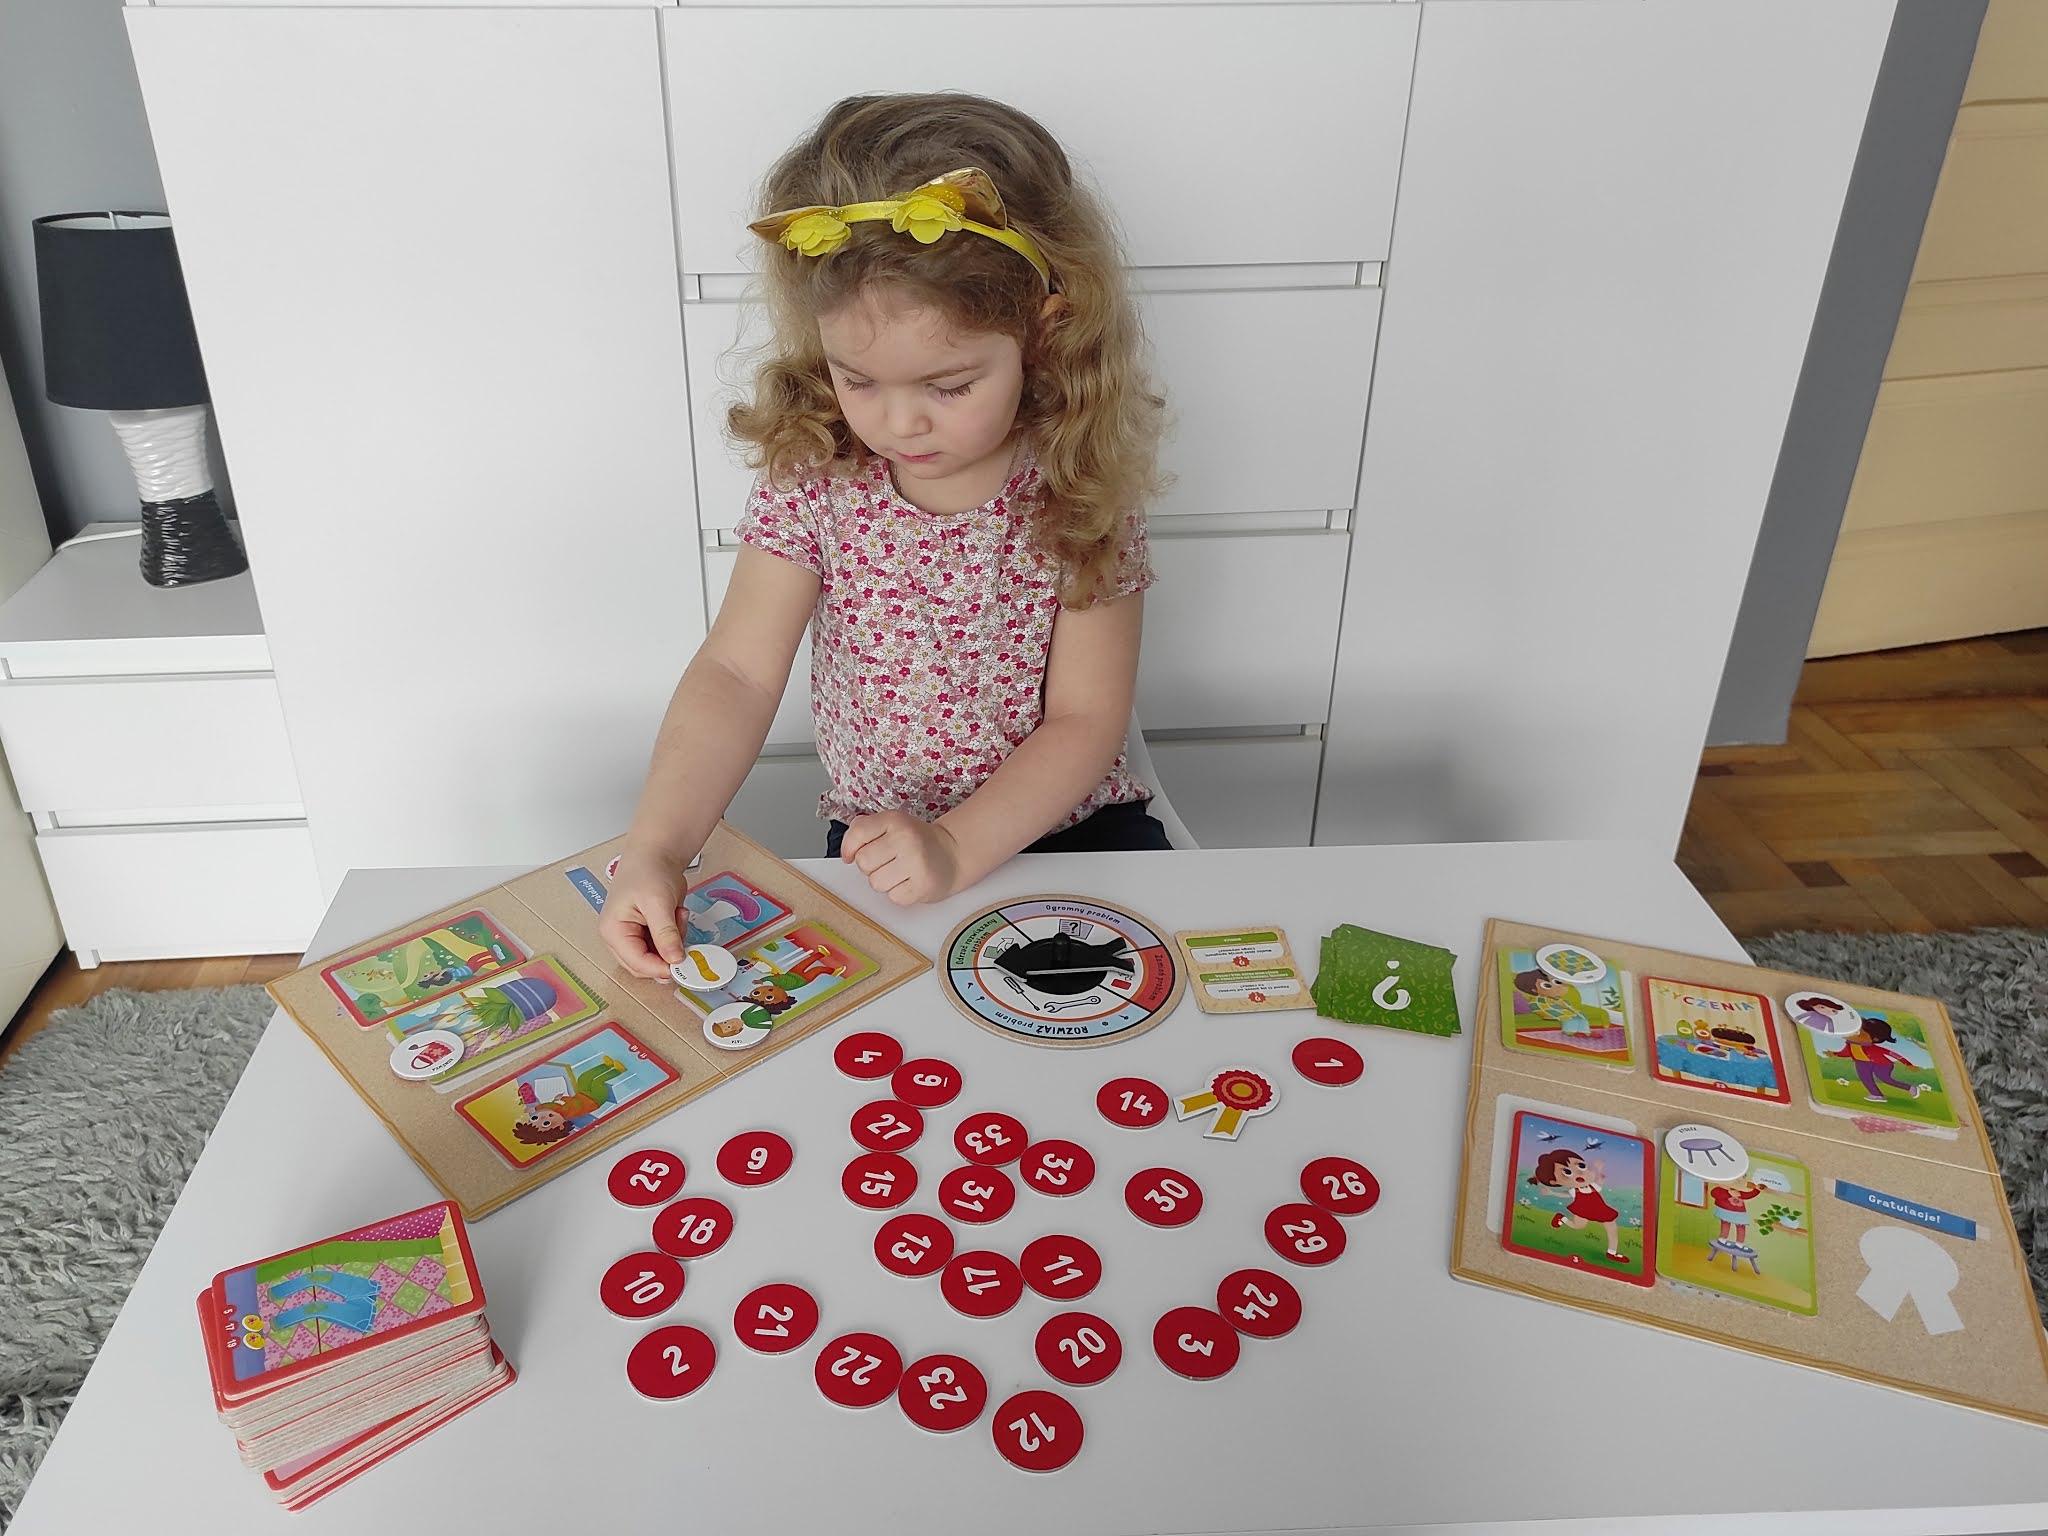 Gra dla dzieci, która uczy rozwiązywać problemy- LIFE SKILLS ROZWIĄZYWANIE PROBLEMÓW